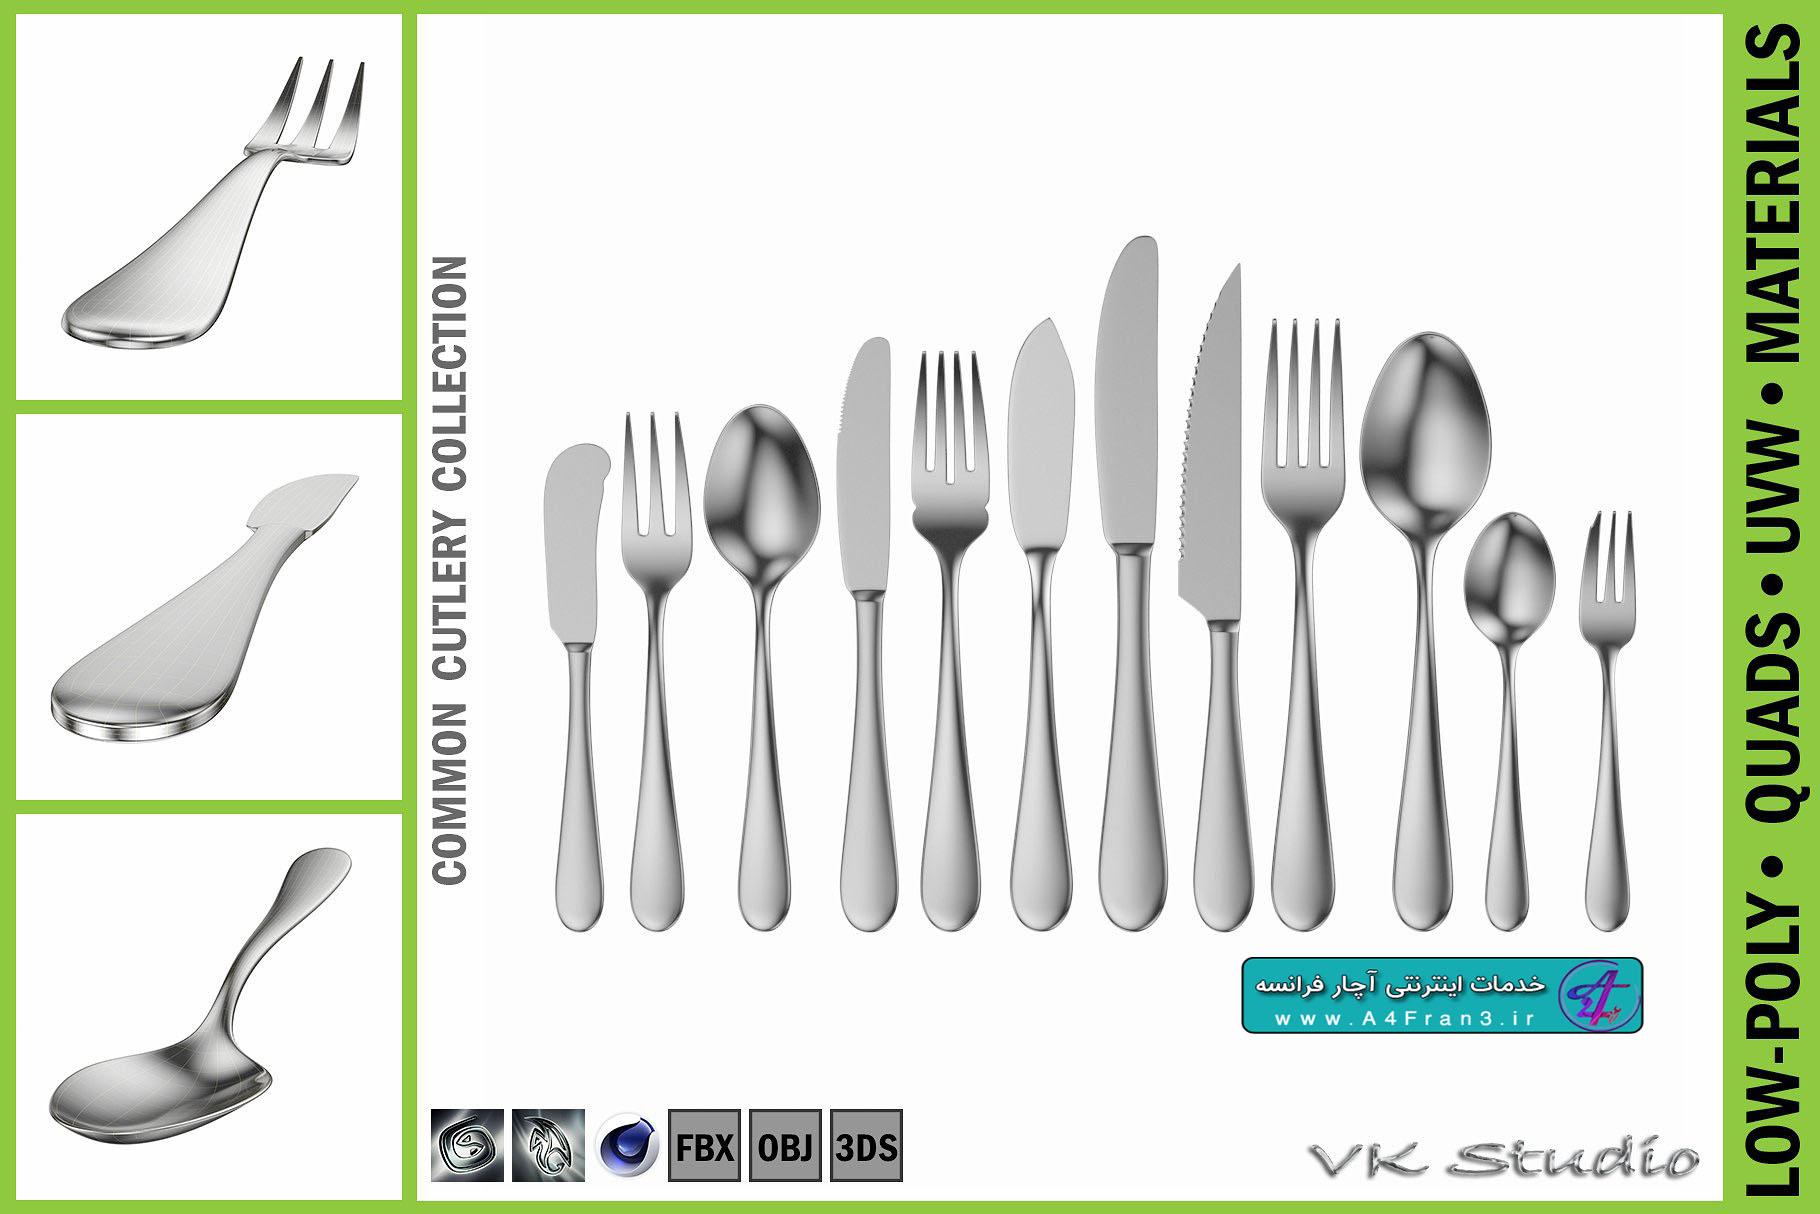 دانلود مدل سه بعدی قاشق Common Cutlery